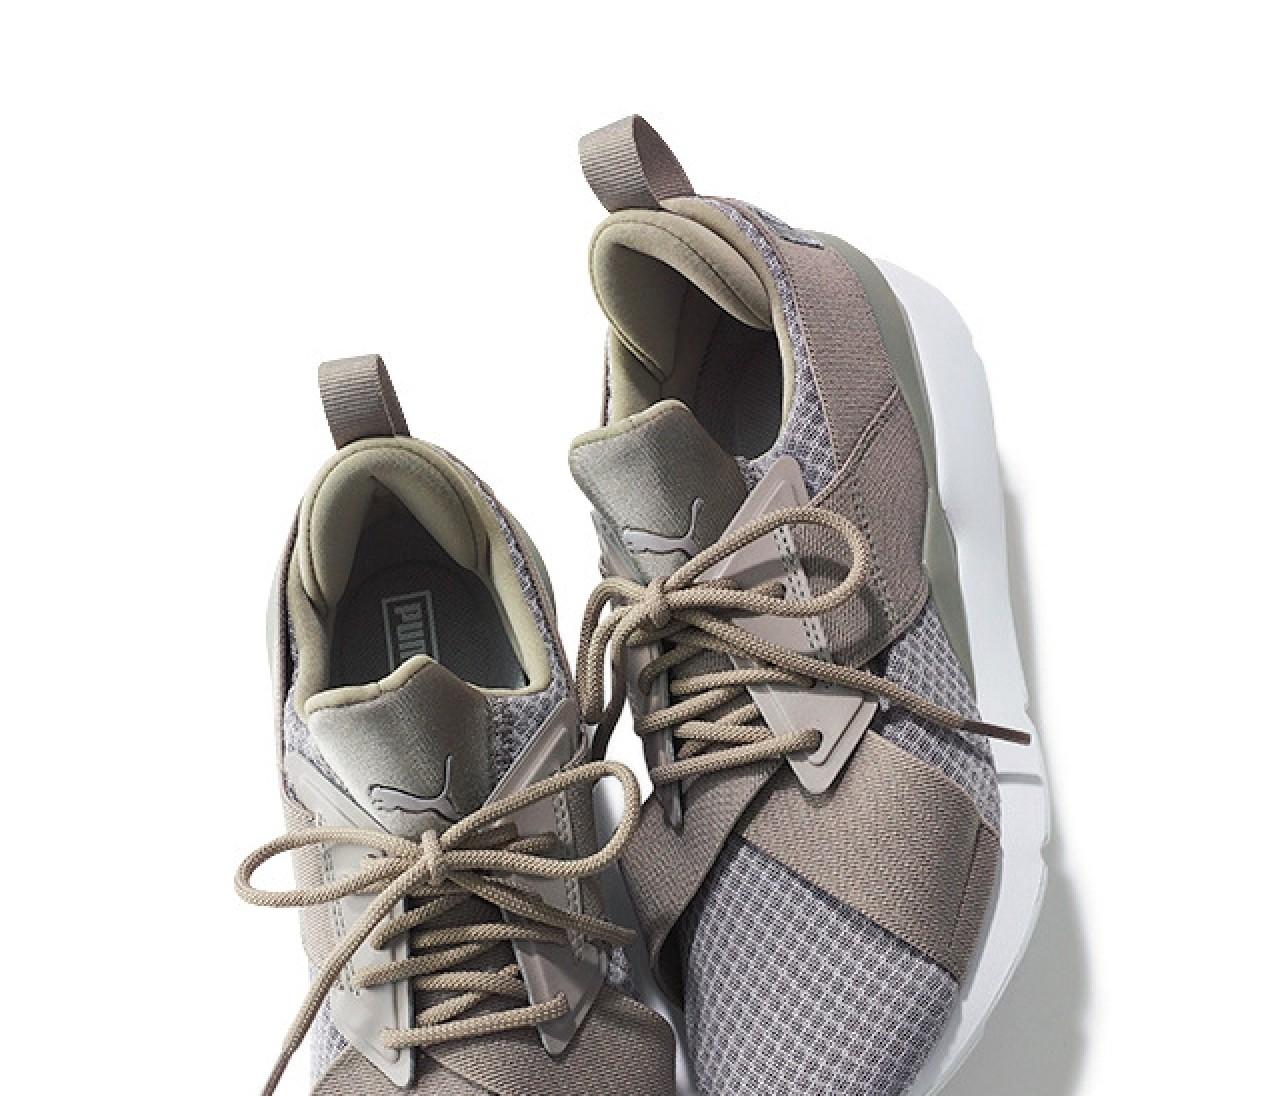 【ヒール靴ばっかり症候群】のあなたに必要な2足とは?